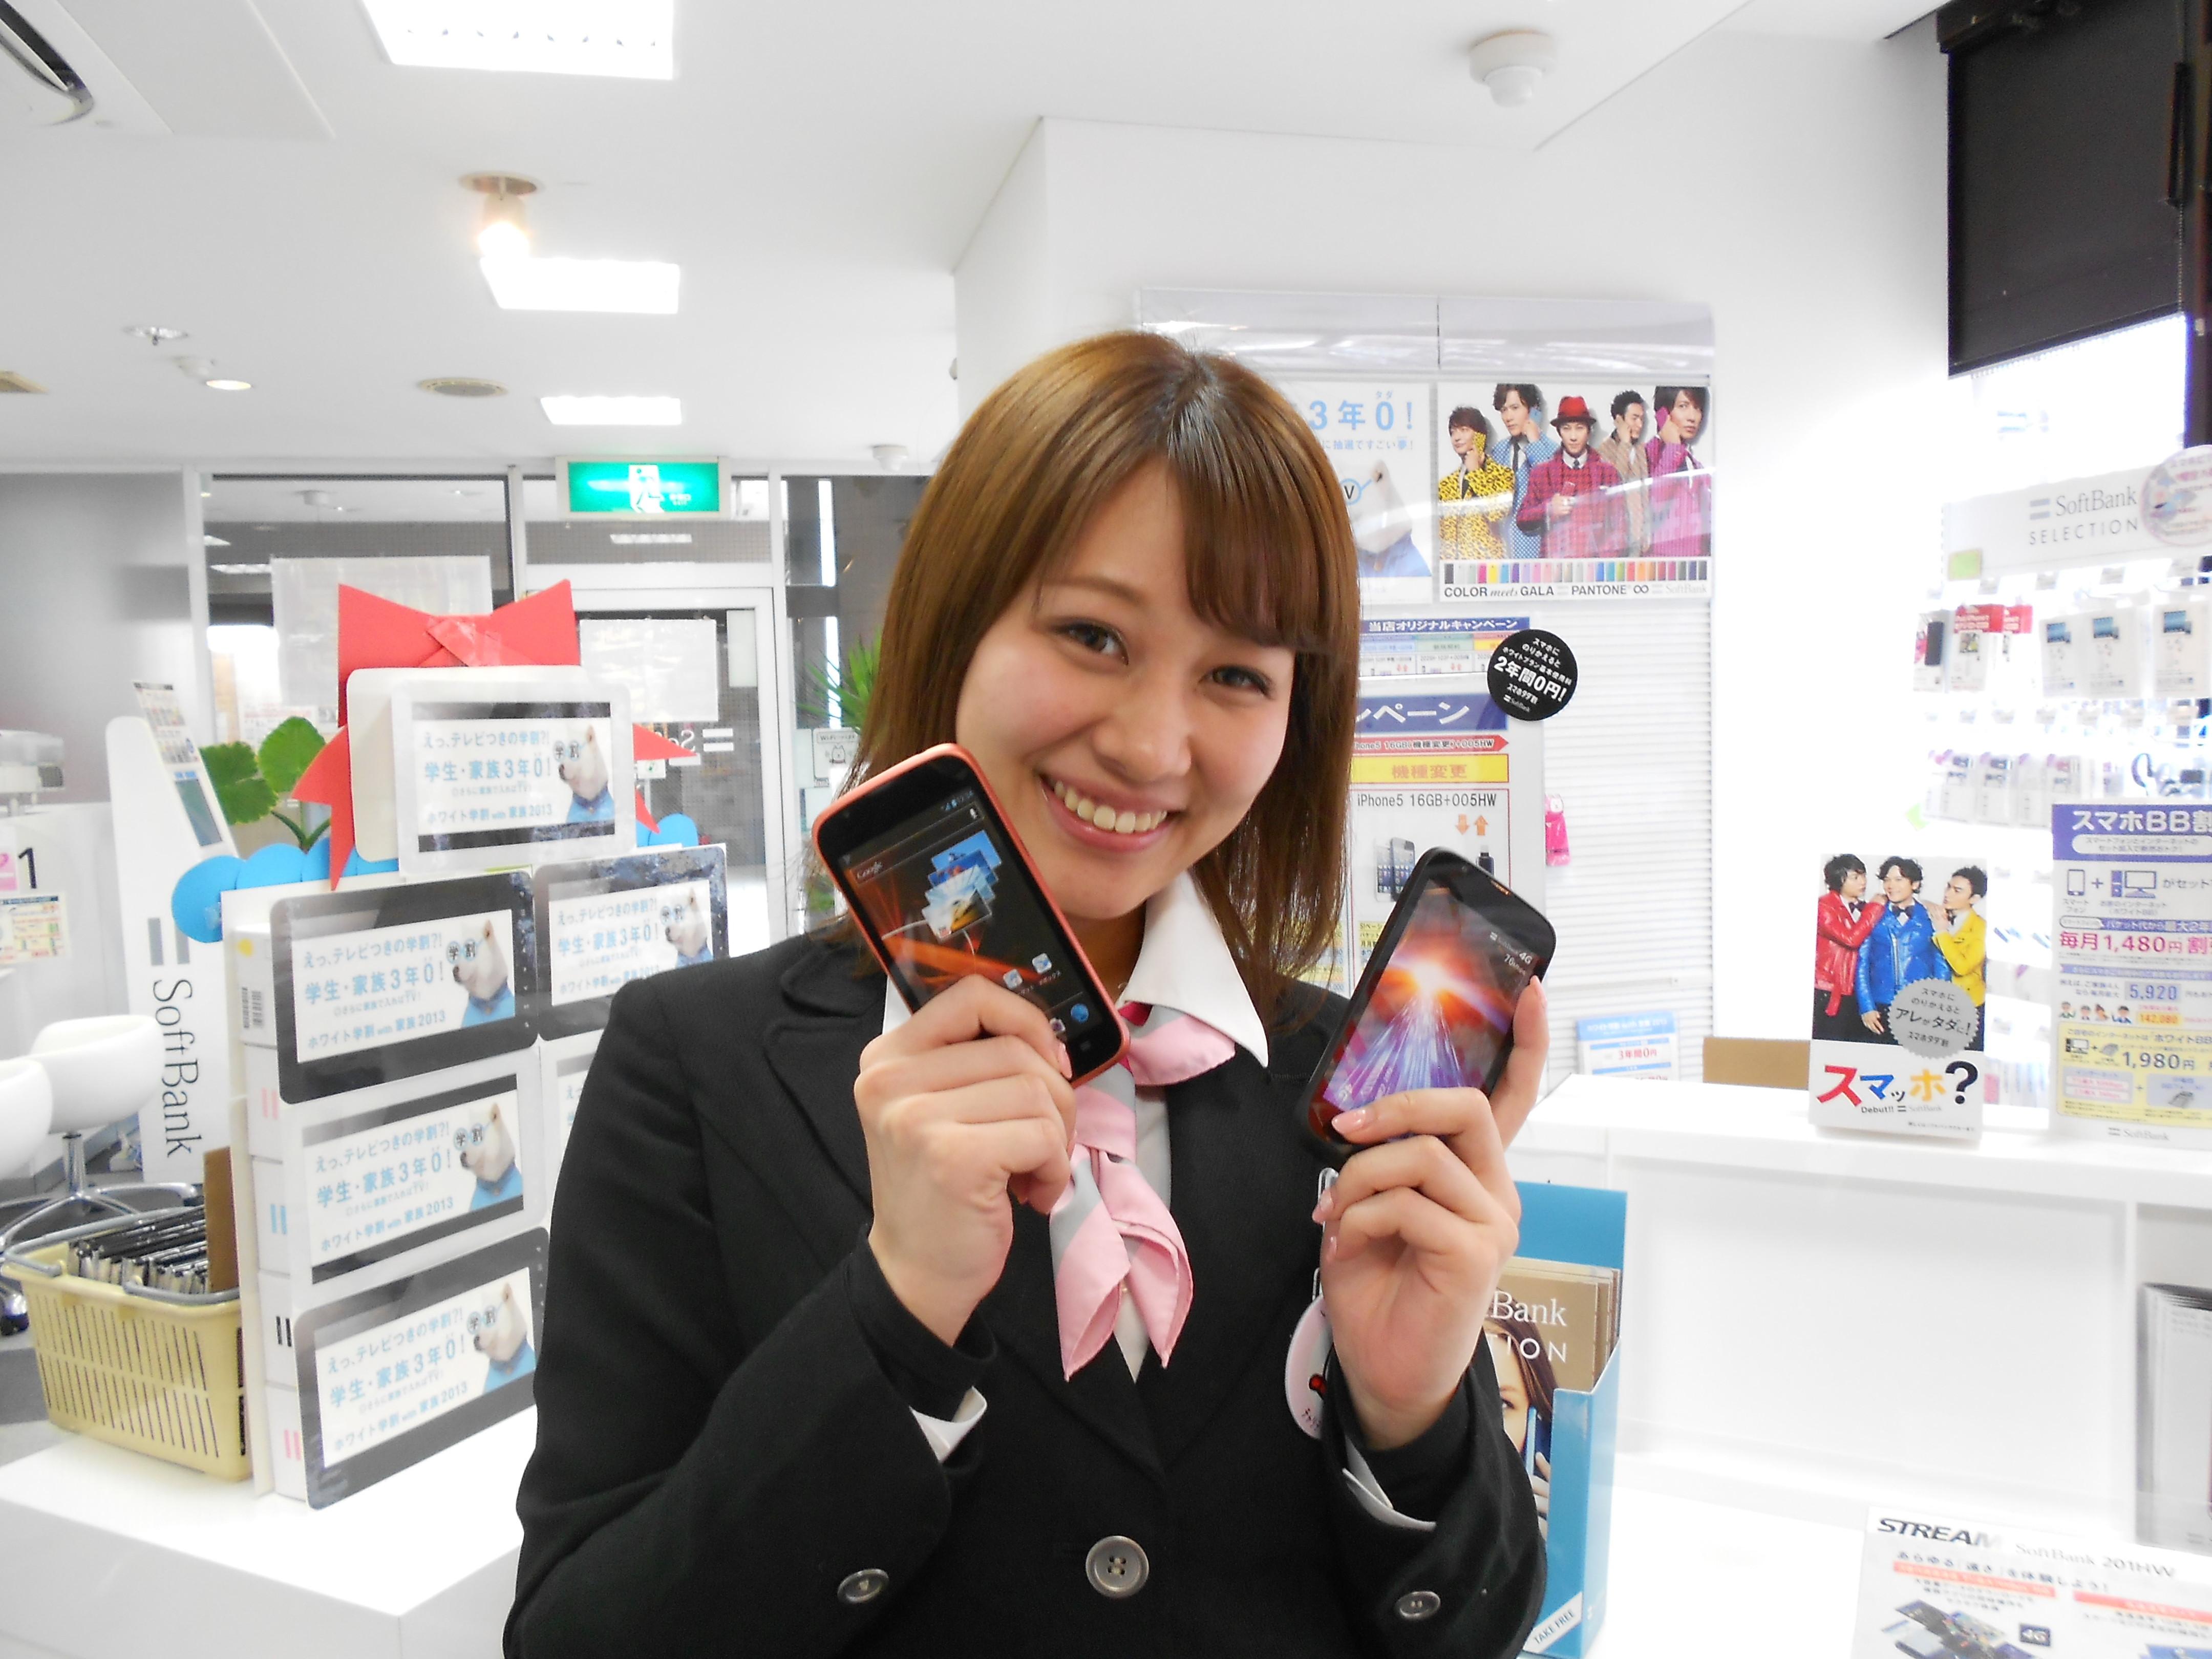 ソフトバンク 小牧味岡(株式会社シエロ)のアルバイト情報